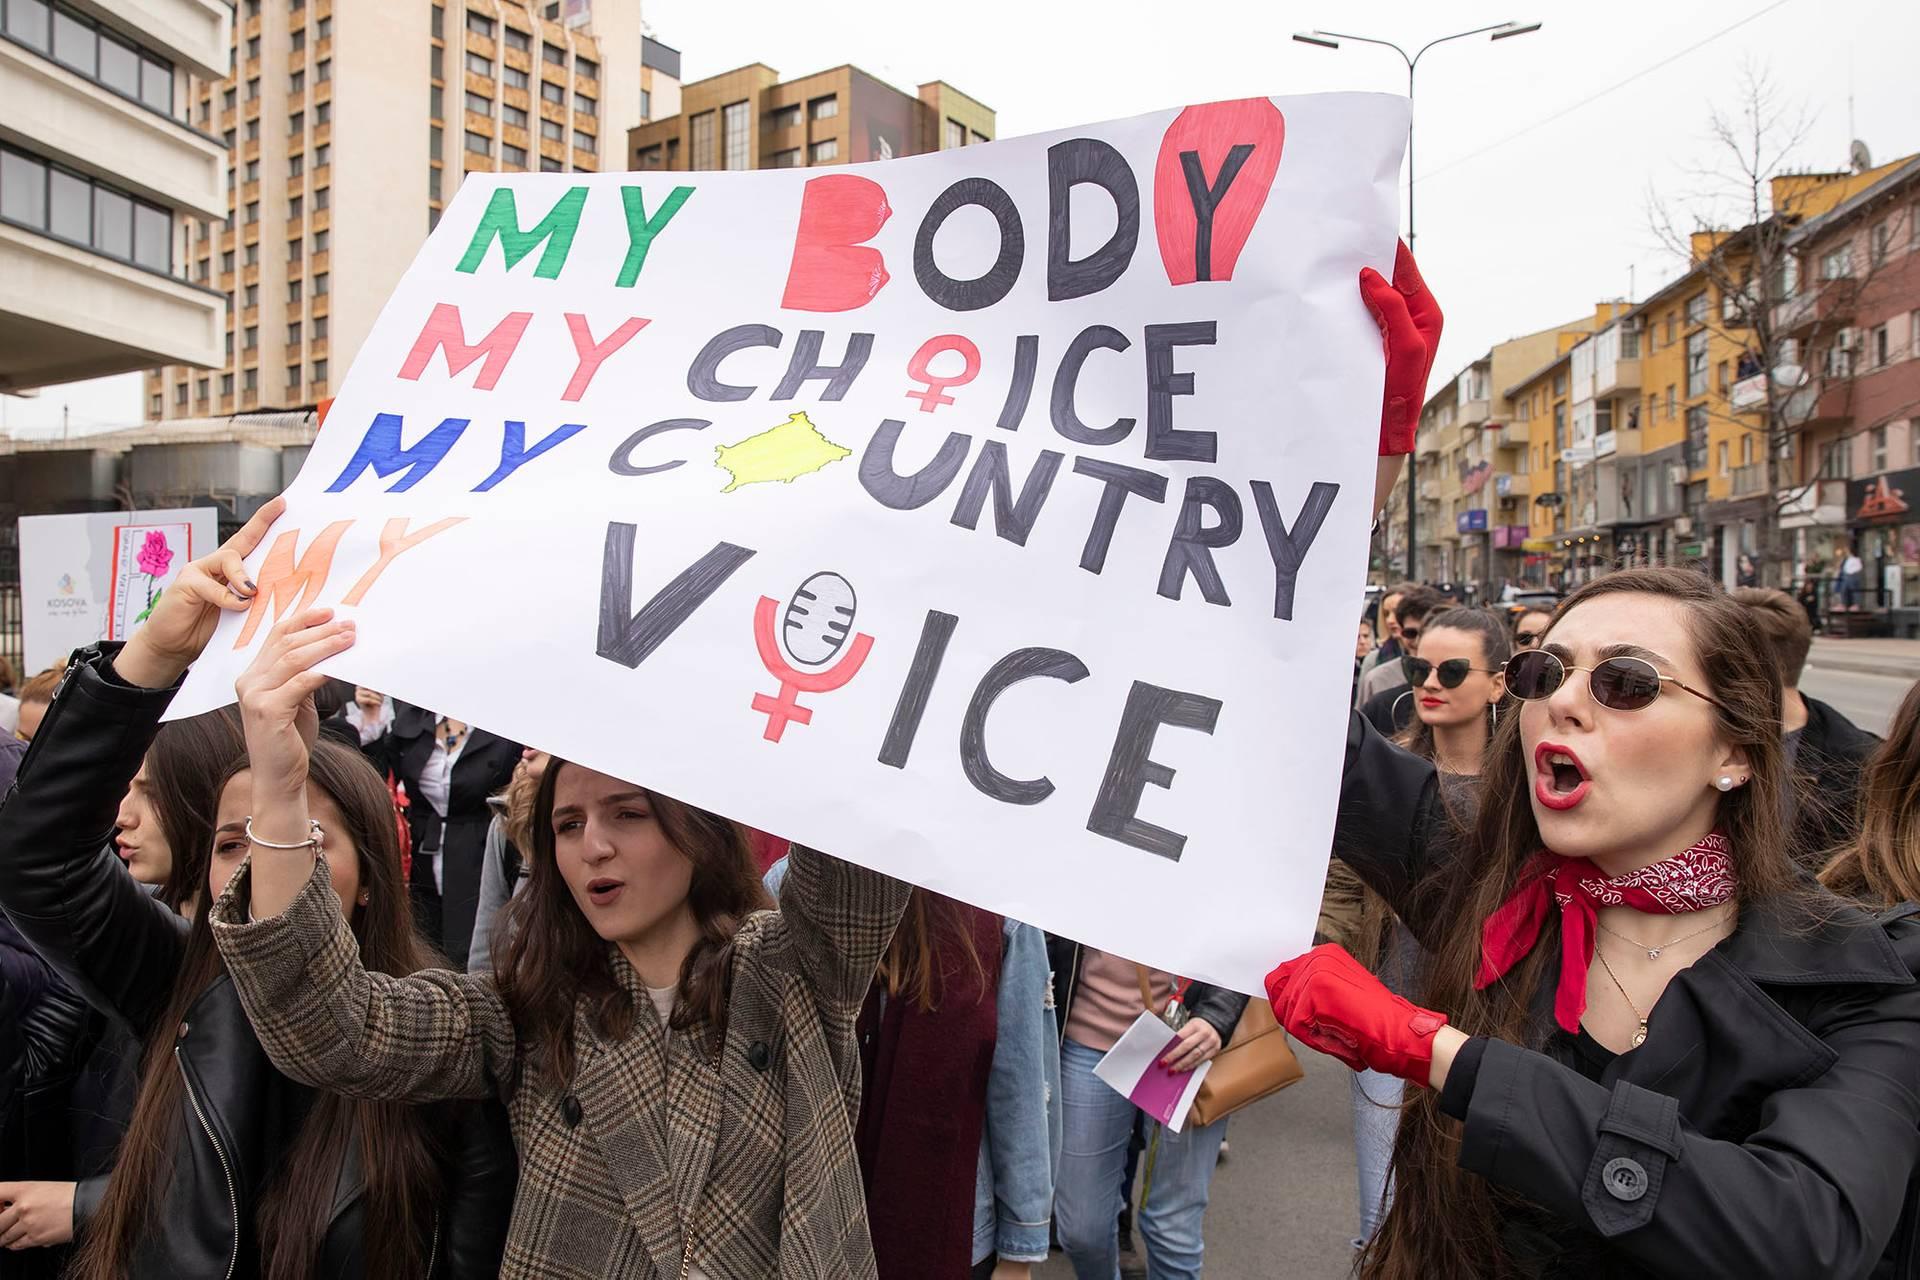 Марш з нагоди Міжнародного дня захисту прав жінок у Приштині, Косово, 8 березня 2019 року